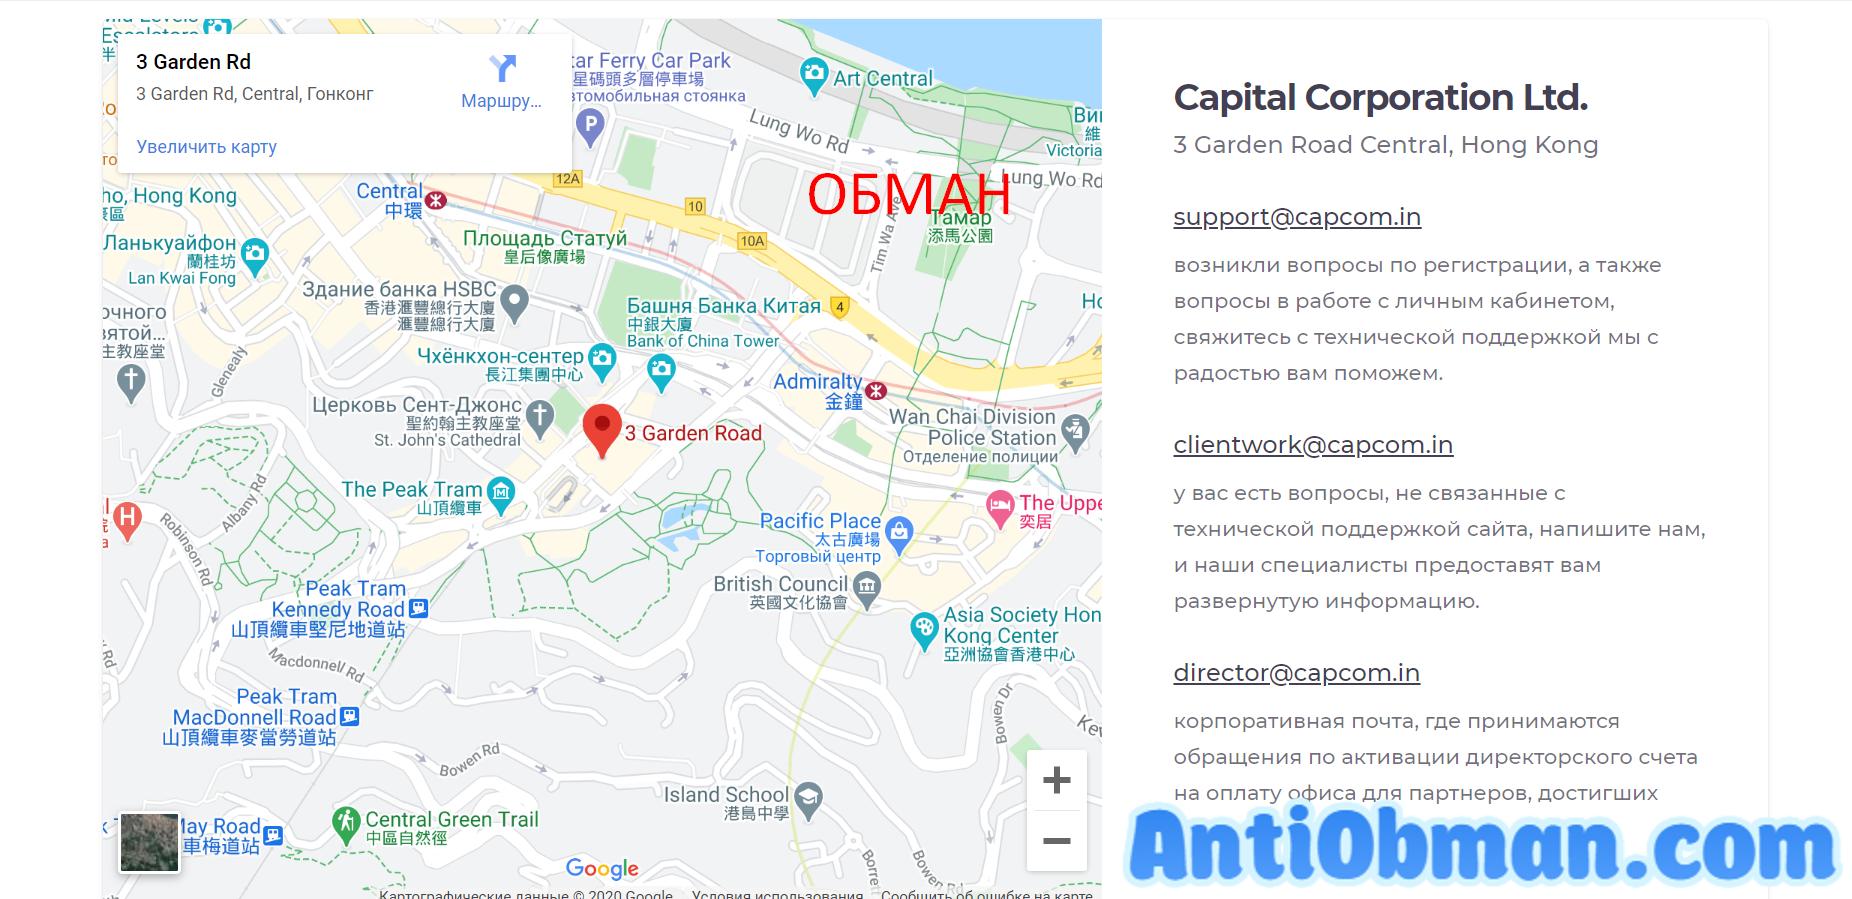 Capital Corporation - отзывы о компании. Лохотрон или нет?